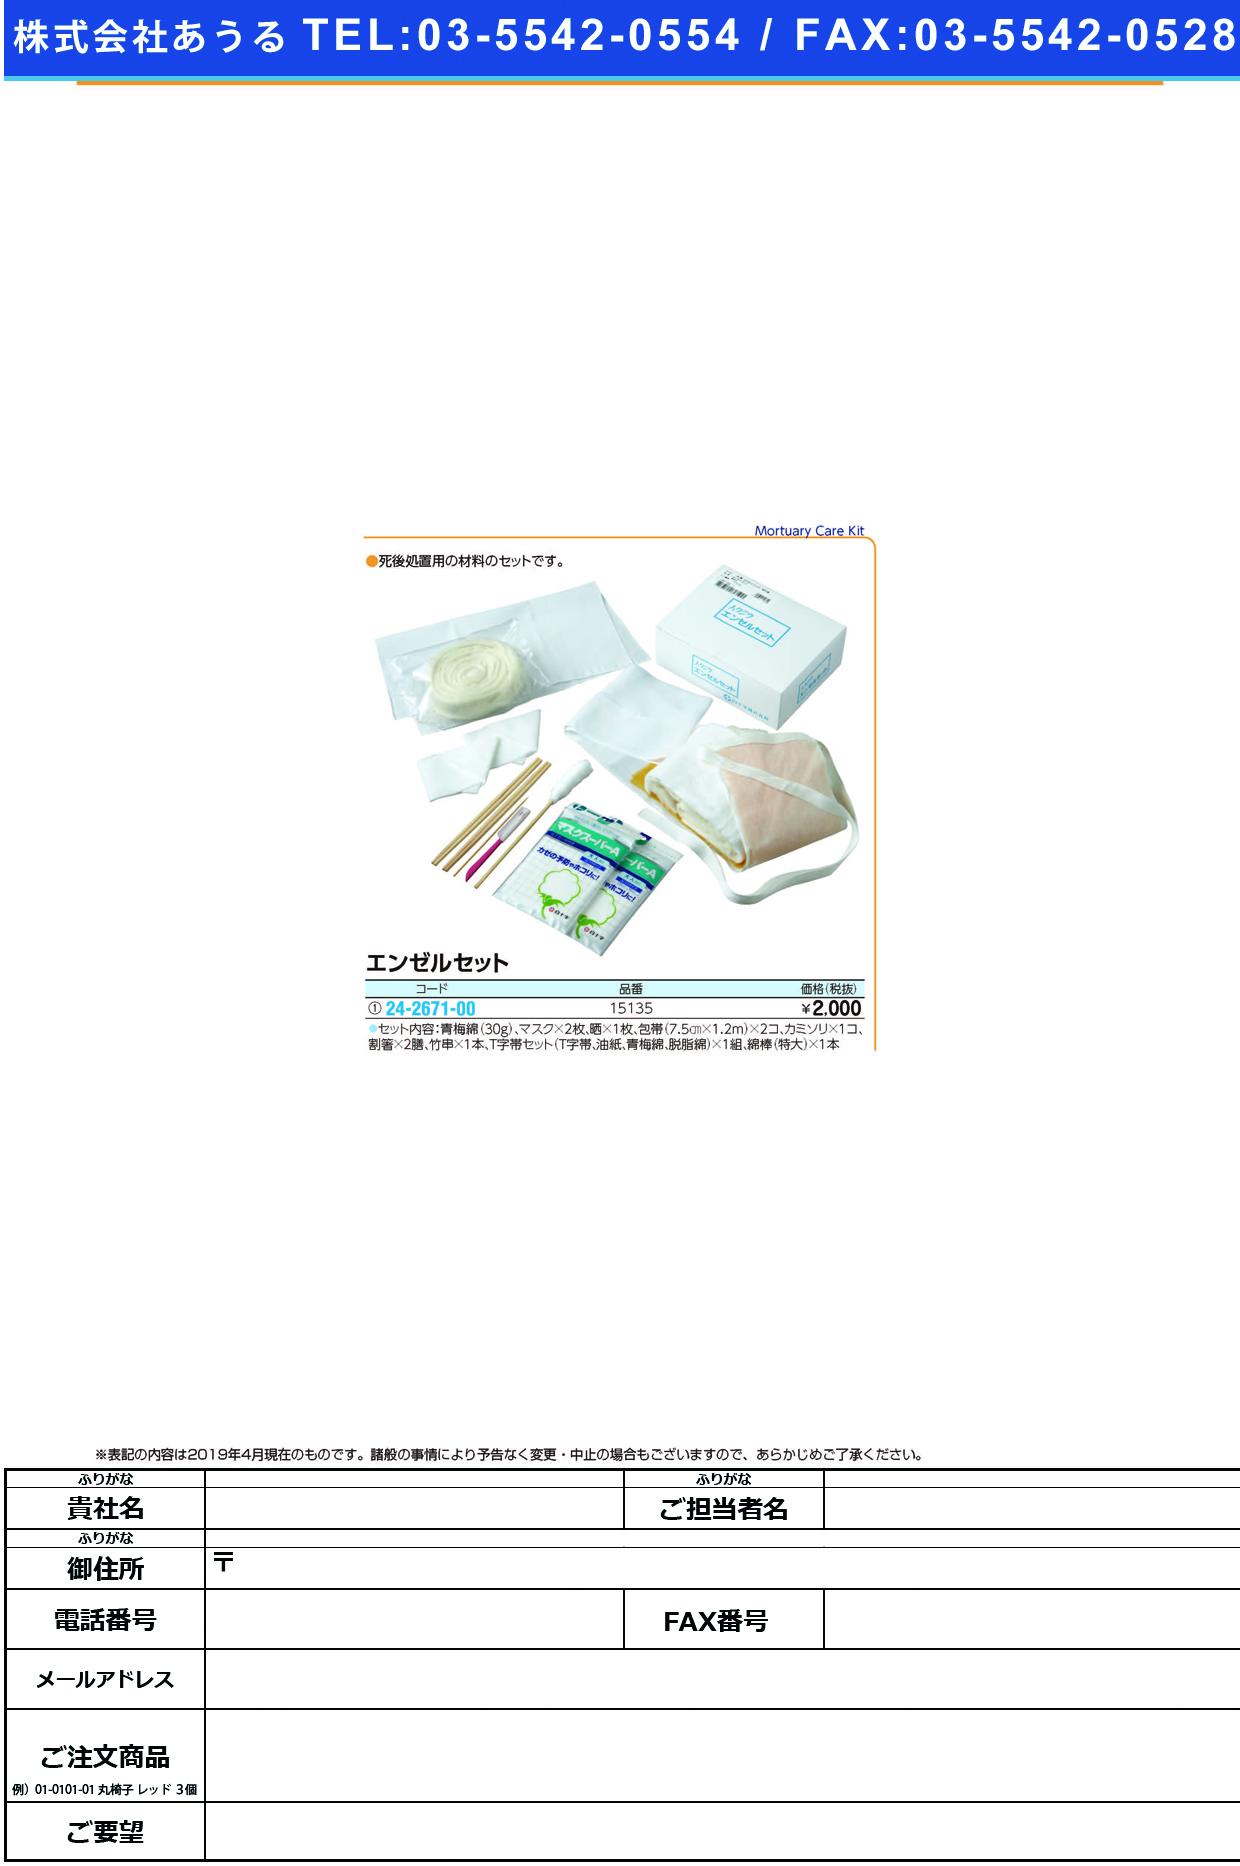 (24-2671-00)エンゼルセット 15135 エンゼルセット(白十字)【1組単位】【2019年カタログ商品】